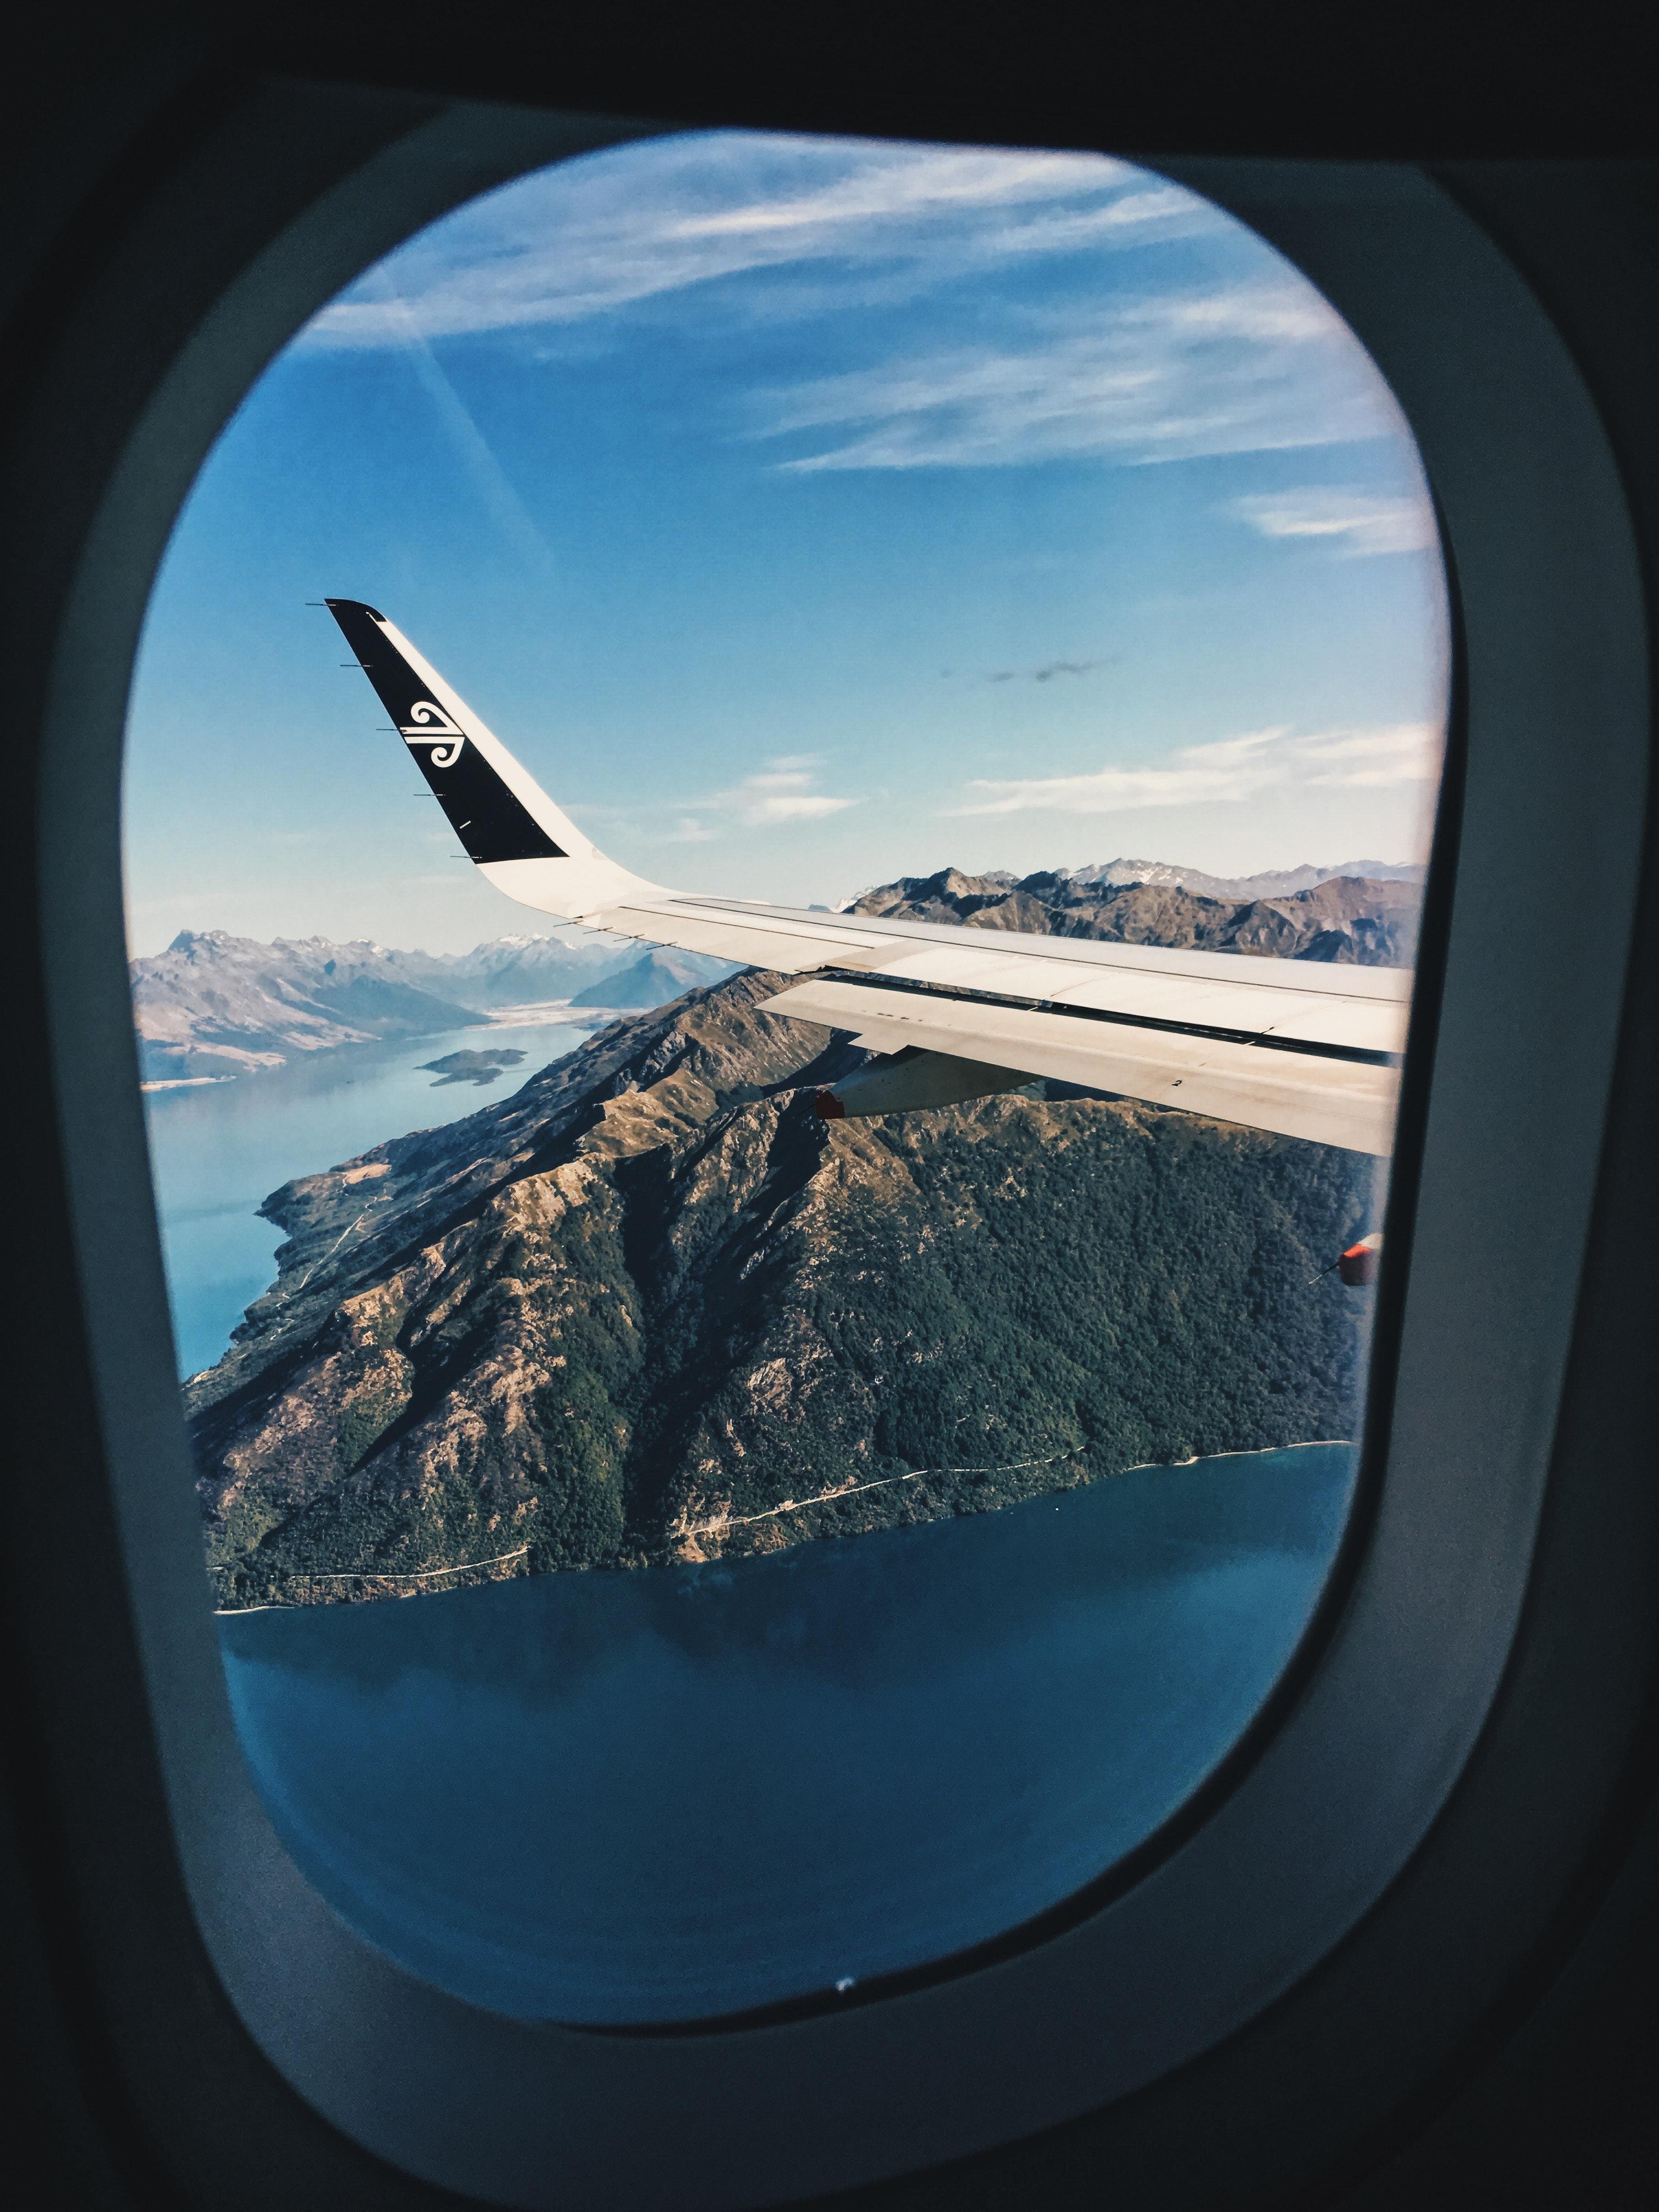 White Airplane Window Free Stock Photo